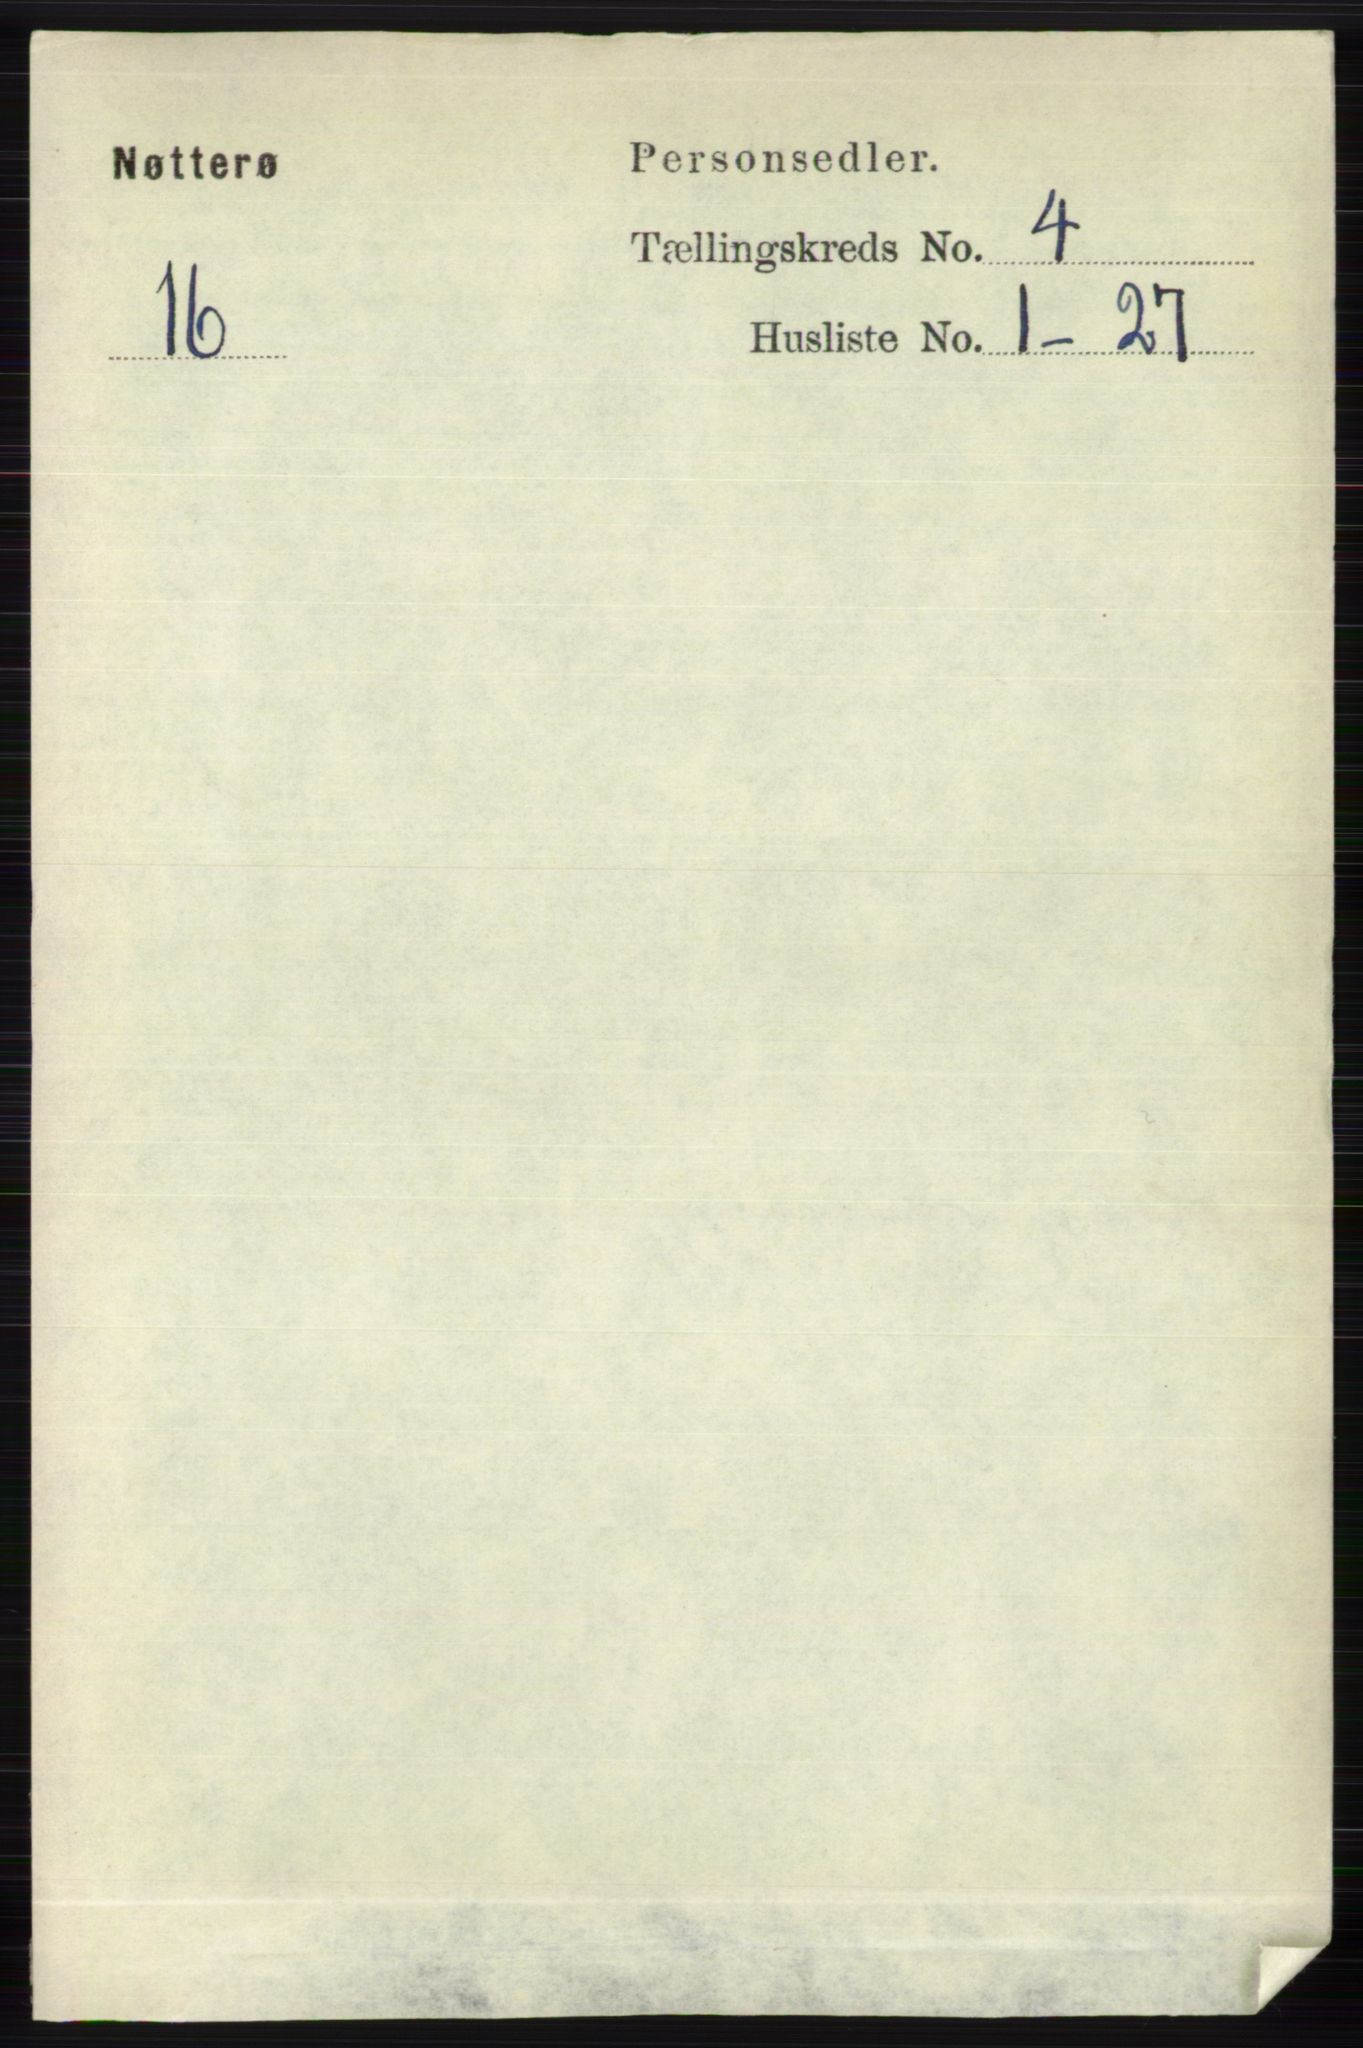 RA, Folketelling 1891 for 0722 Nøtterøy herred, 1891, s. 2028